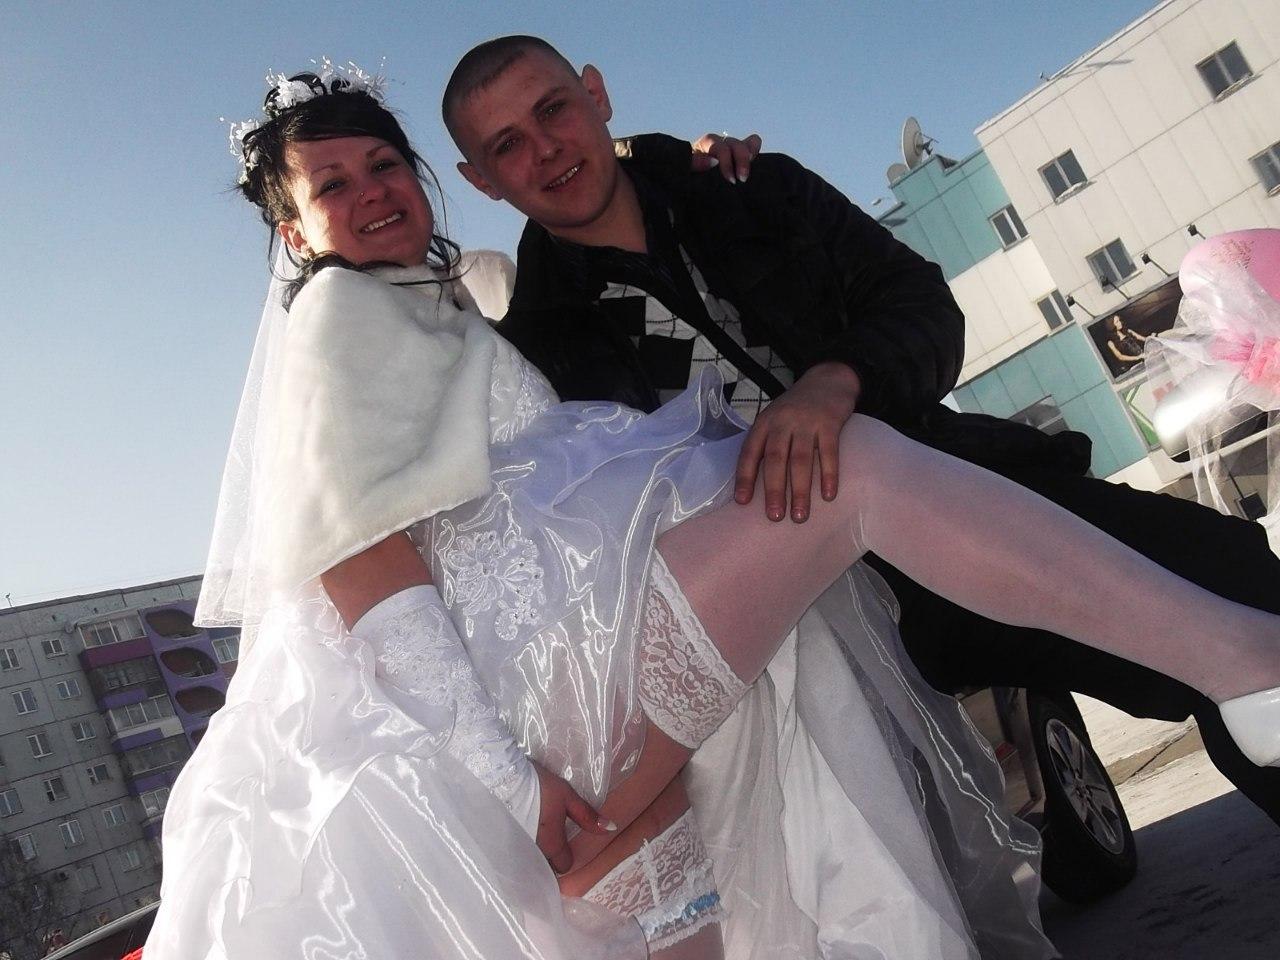 Русские свадьбы подсмотренное, Подглядывание за молодожёнами в спальне 10 фотография